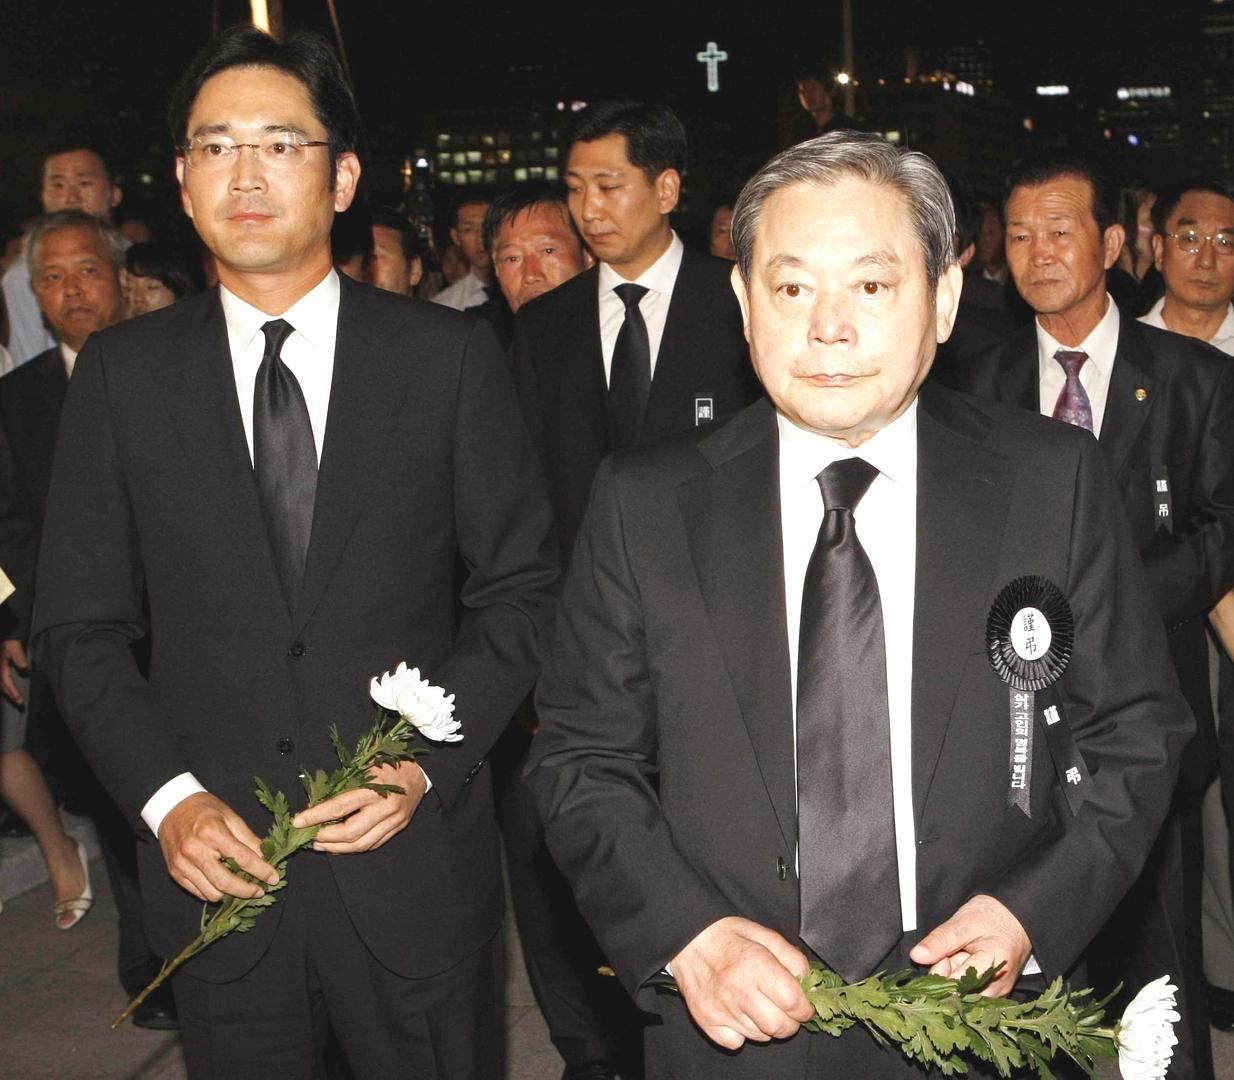 لي كون-هي الرئيس الراحل لمجموعة سامسونغ برفقة ابنه.